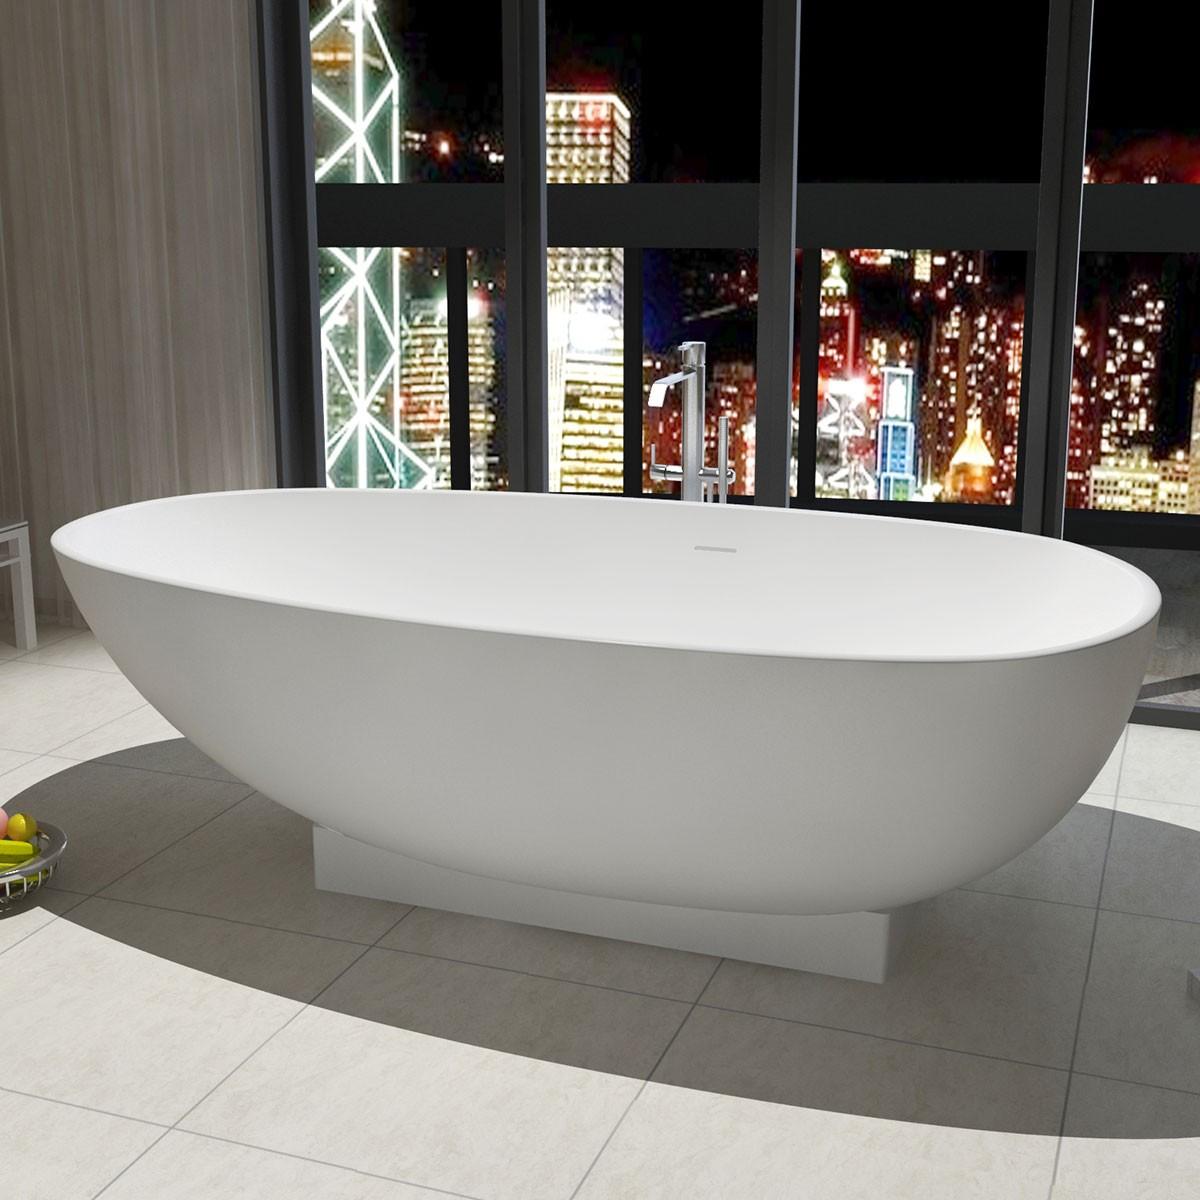 71 po baignoire autoportante en pierre de synth se blanc mat dk ha8616 decoraport canada. Black Bedroom Furniture Sets. Home Design Ideas